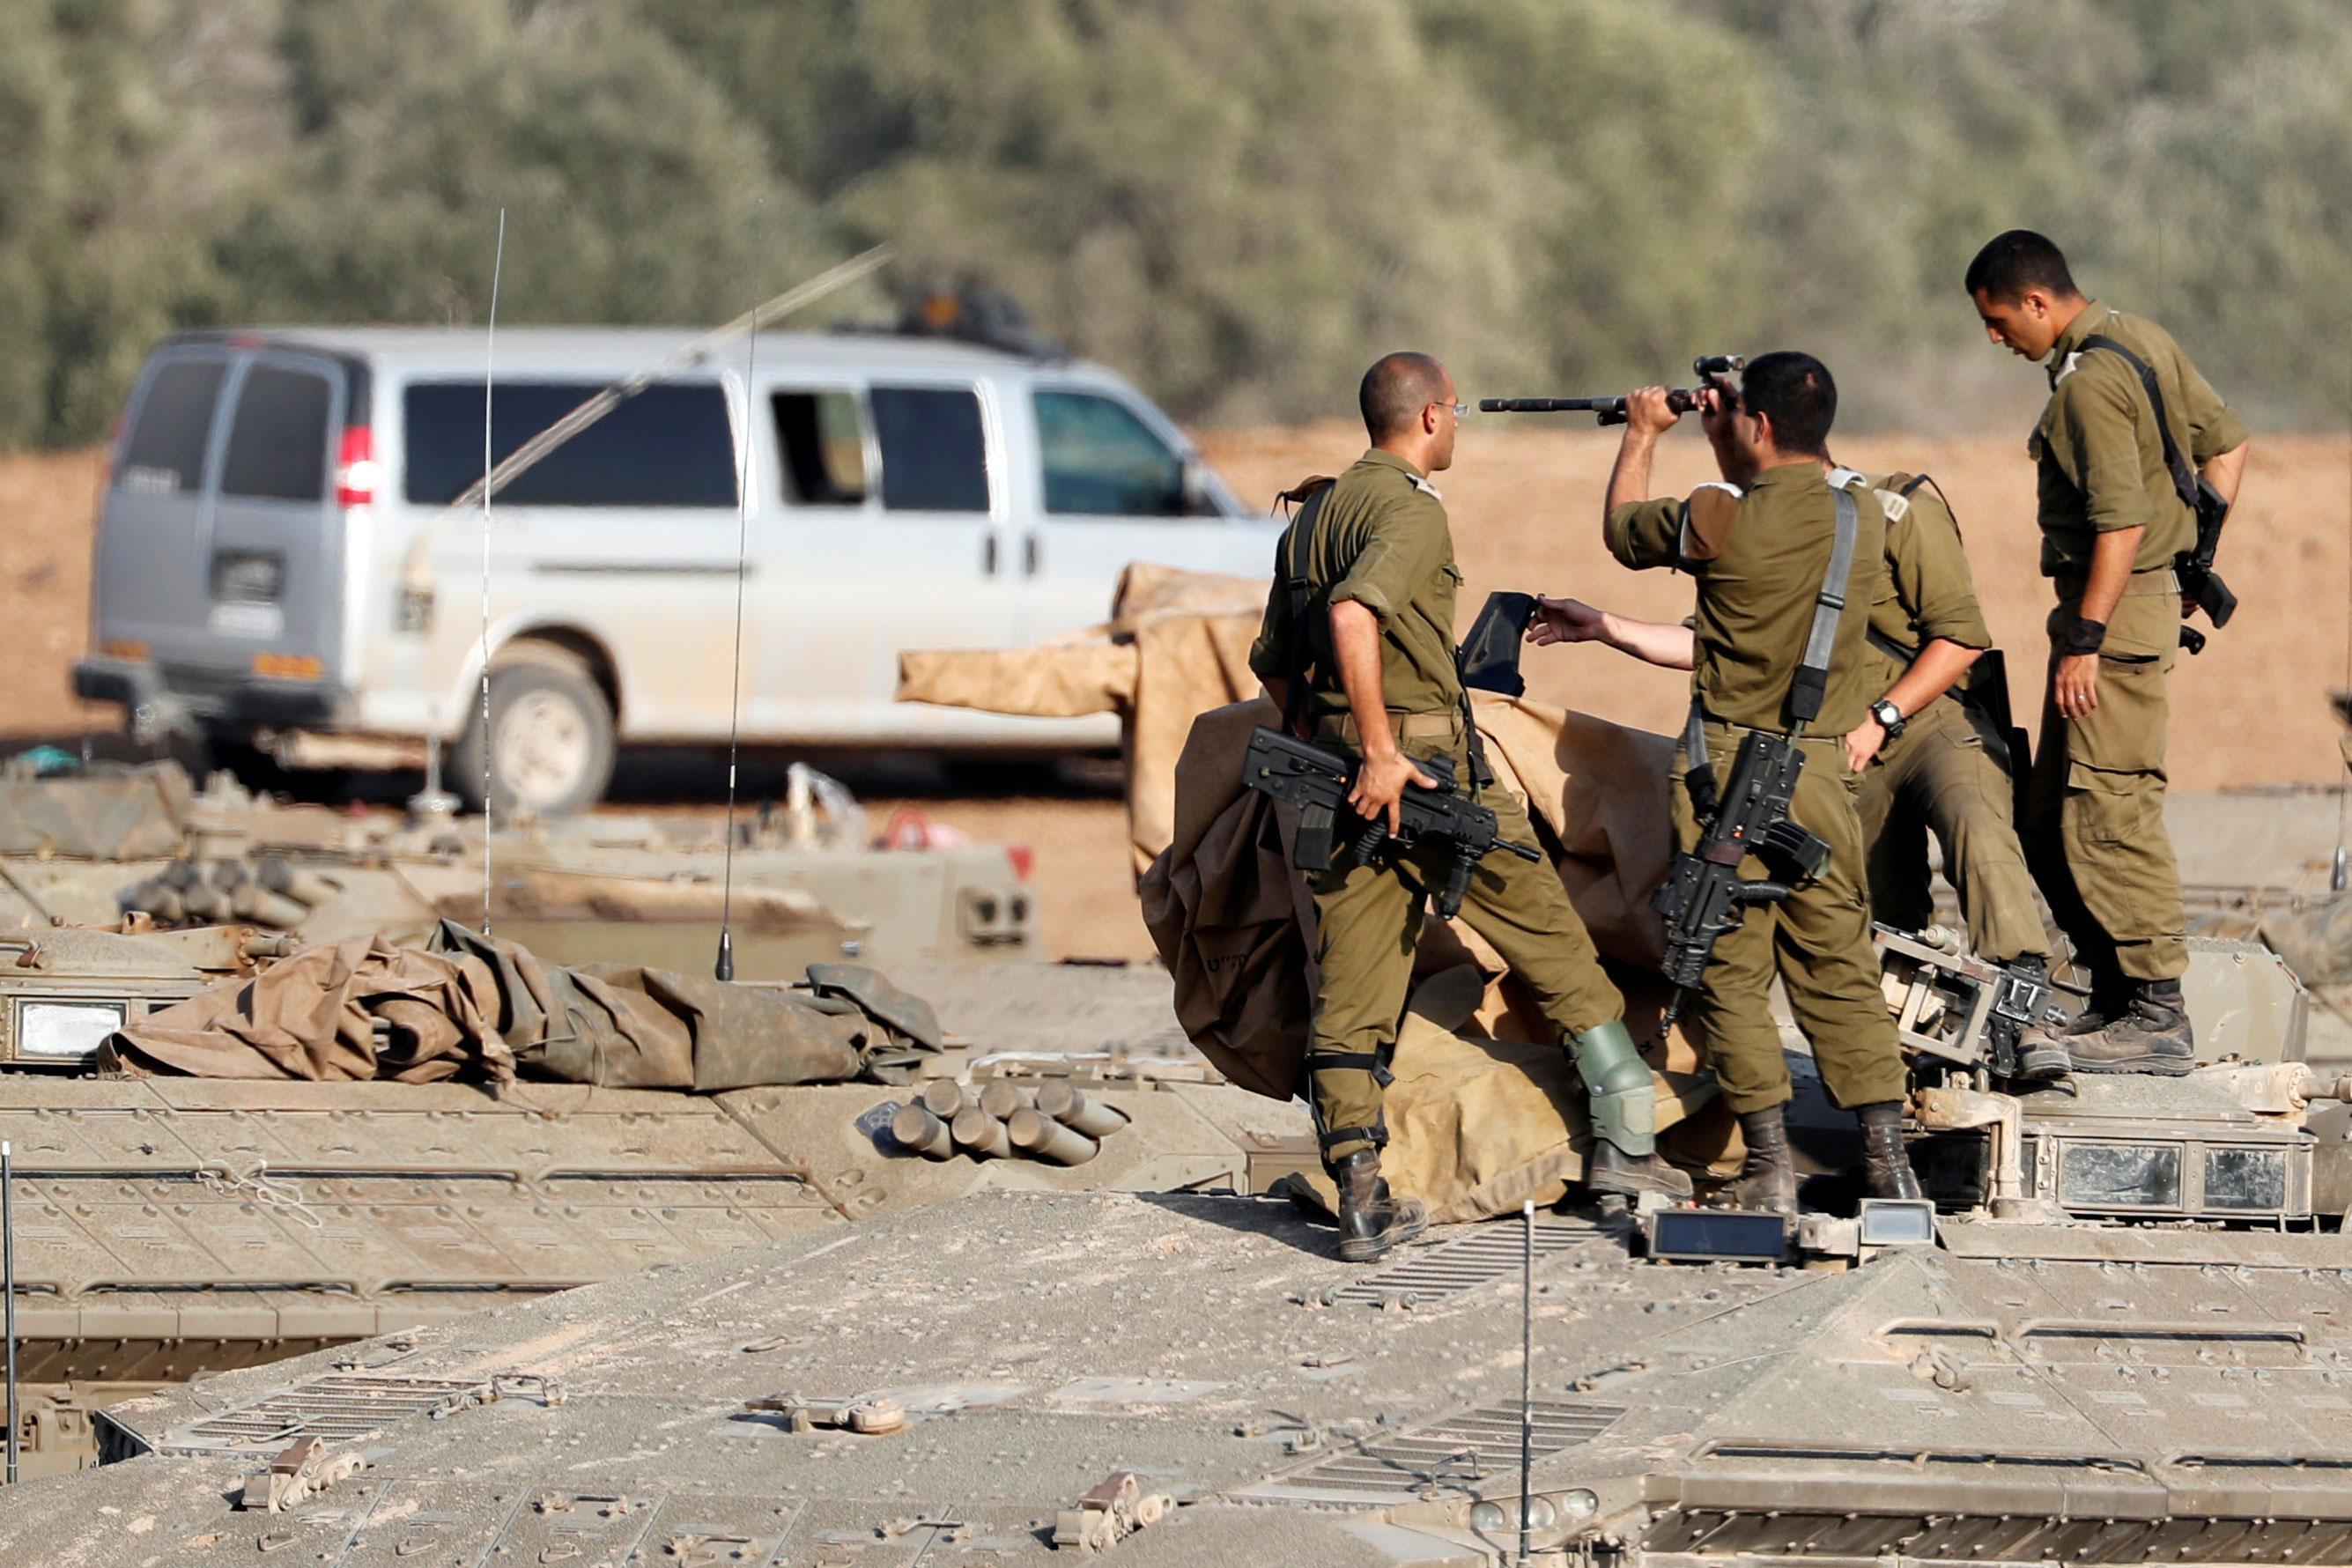 Los soldados israelíes revisan sus armas encima de un vehículo blindado de transporte de personal cerca de la frontera con Gaza, en el sur de Israel. REUTERS / Ronen Zvulun